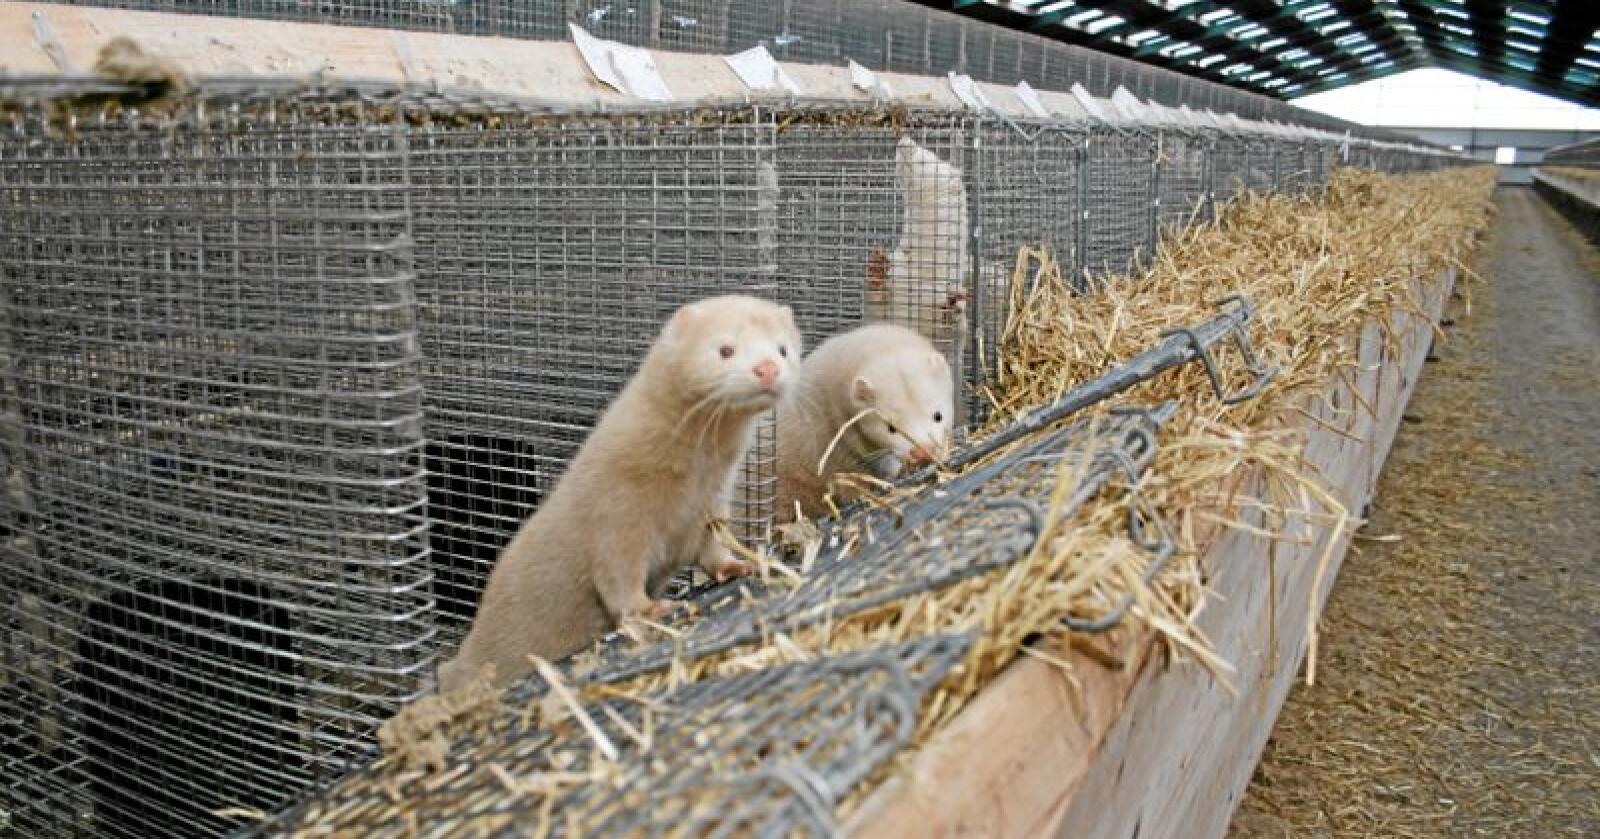 Erstatning: Å ikke erstatte pelsdyrbøndene fullt ut er i strid med Grunnloven, mener innsenderen. Foto: Bjarne Bekkeheien Aase